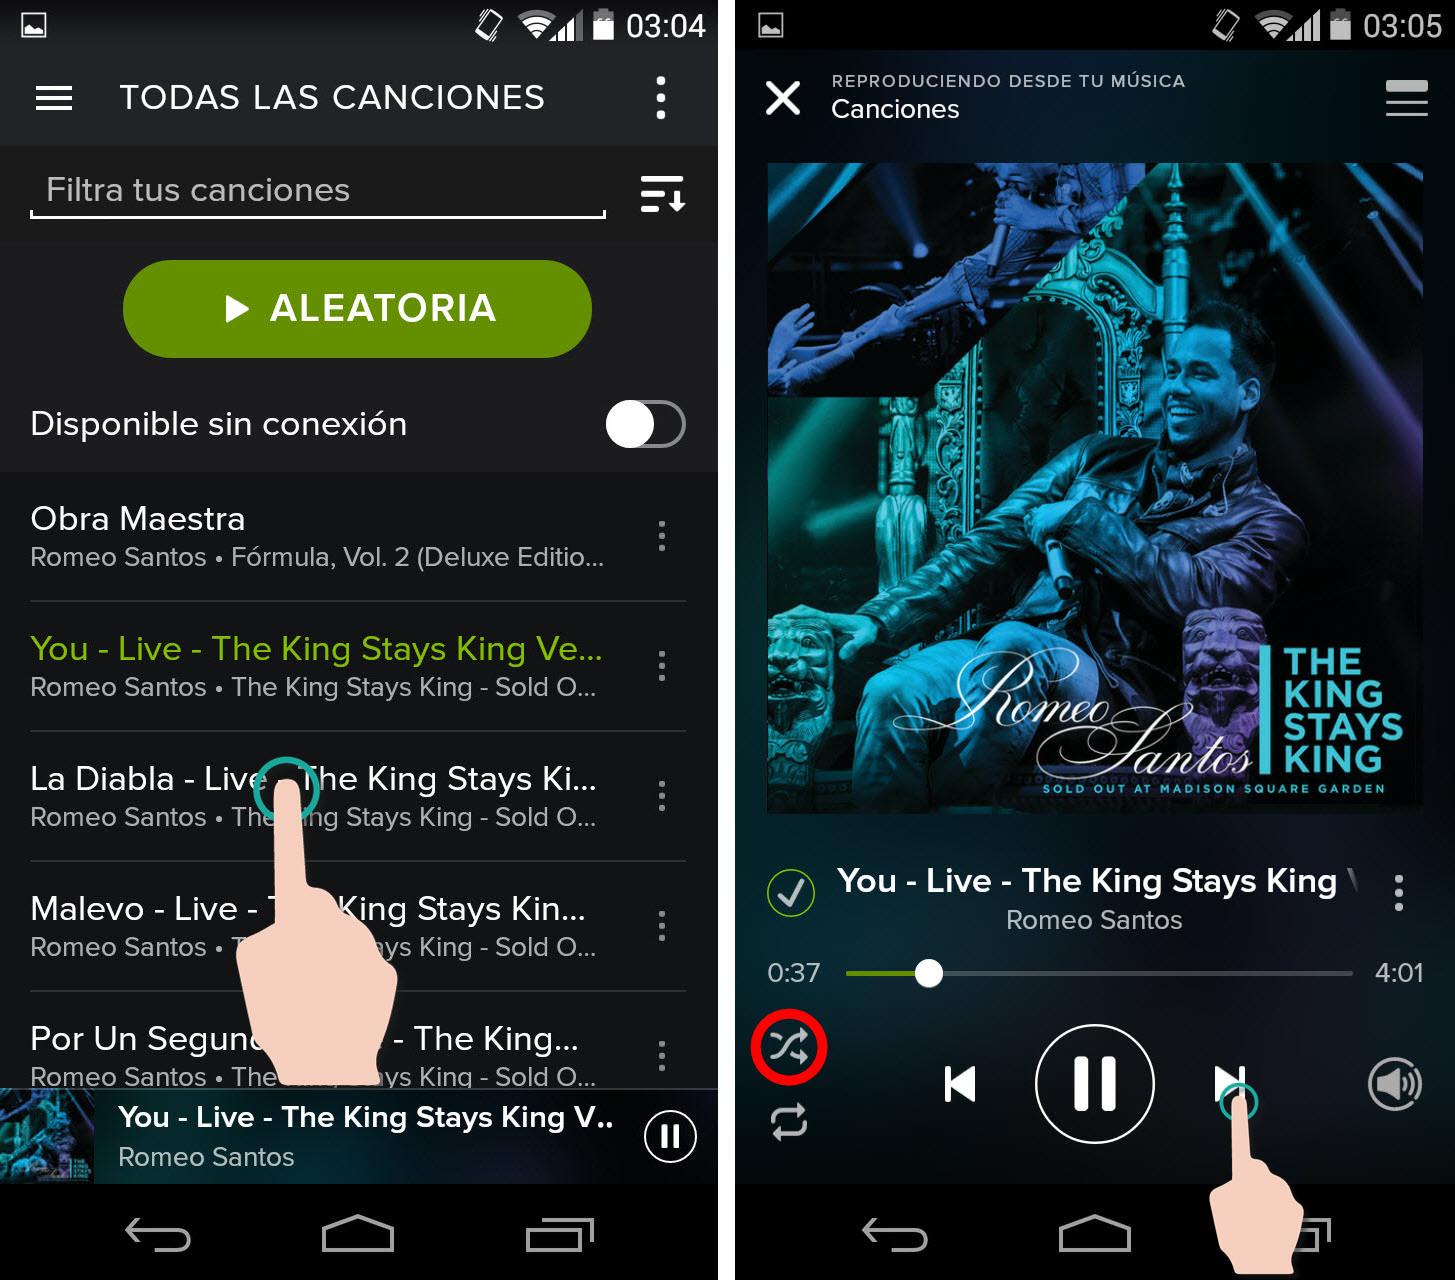 Spotify Premium Gratis: Lo legal, ilegal y sus riesgos